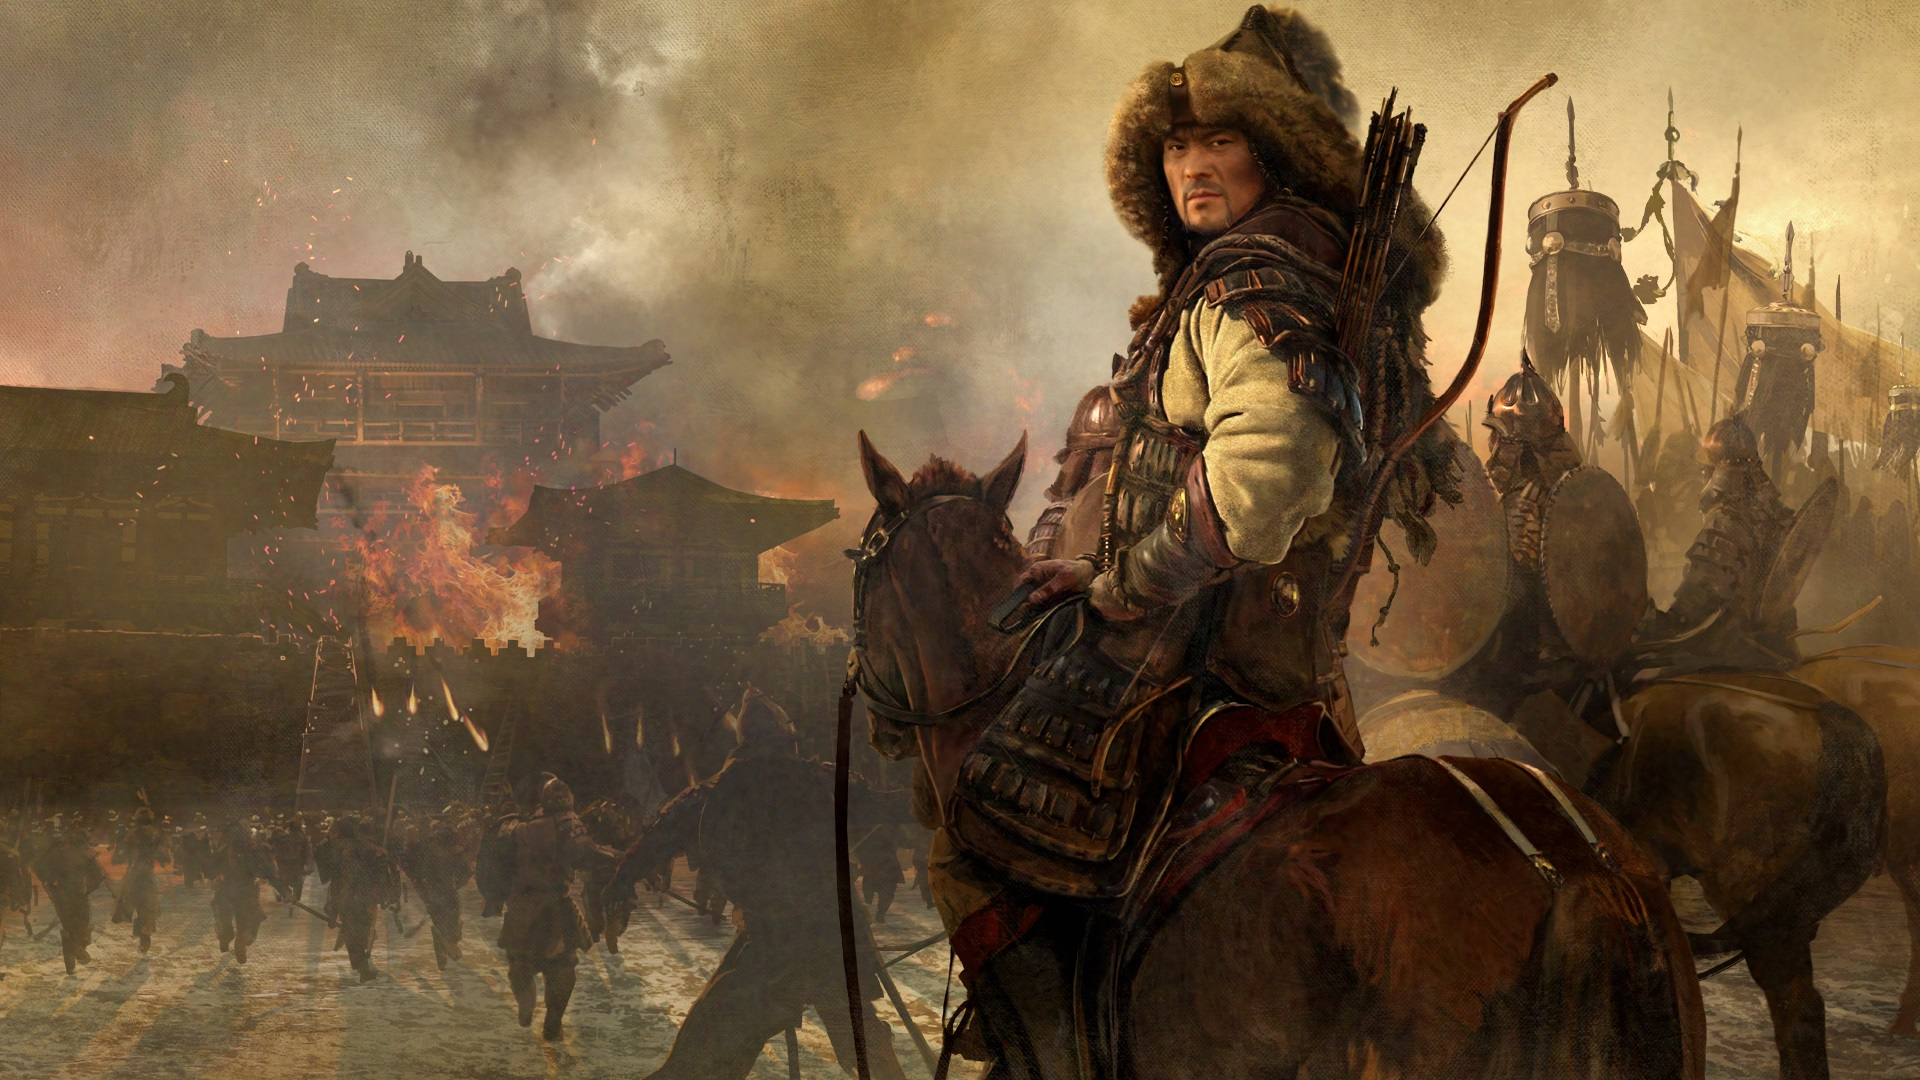 Twierdza: Władcy Wojny zostanie wydane w Polsce z własną edycją limitowaną!